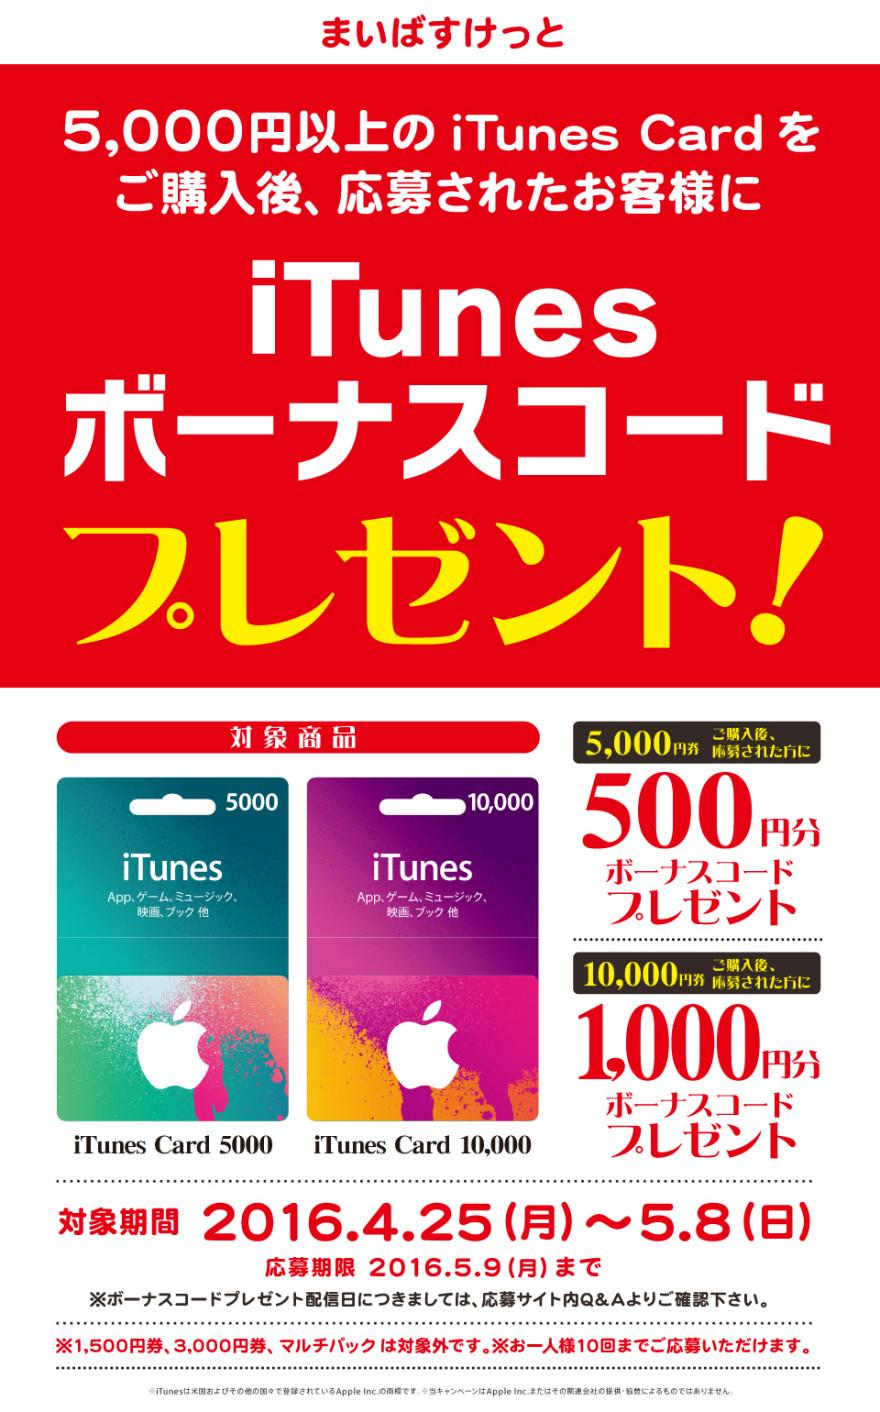 まいばすけっと iTunes ボーナスコードプレゼントキャンペーン!お知らせ